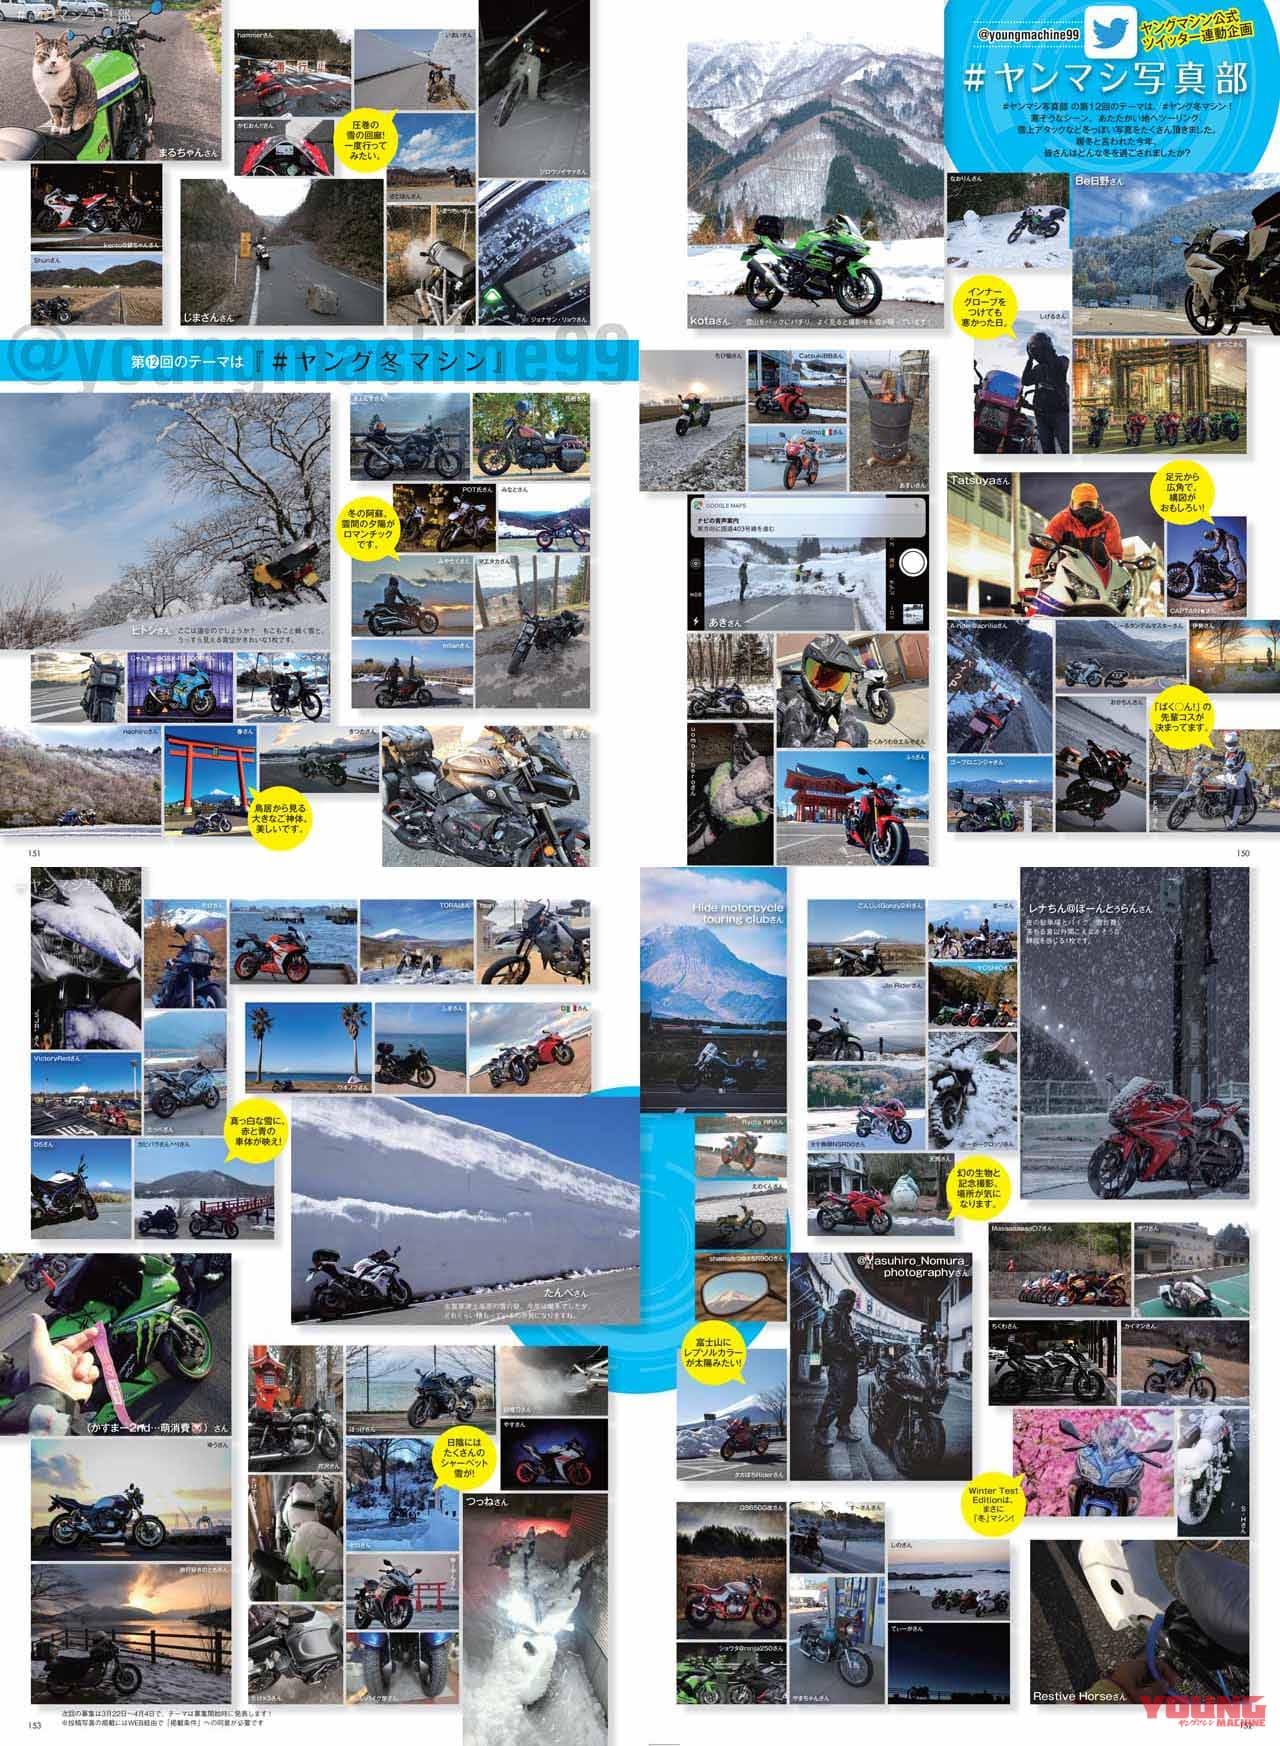 ヤングマシン2020年5月号の見どころ【今年の全部、458車】世界の新車大図鑑[2020]